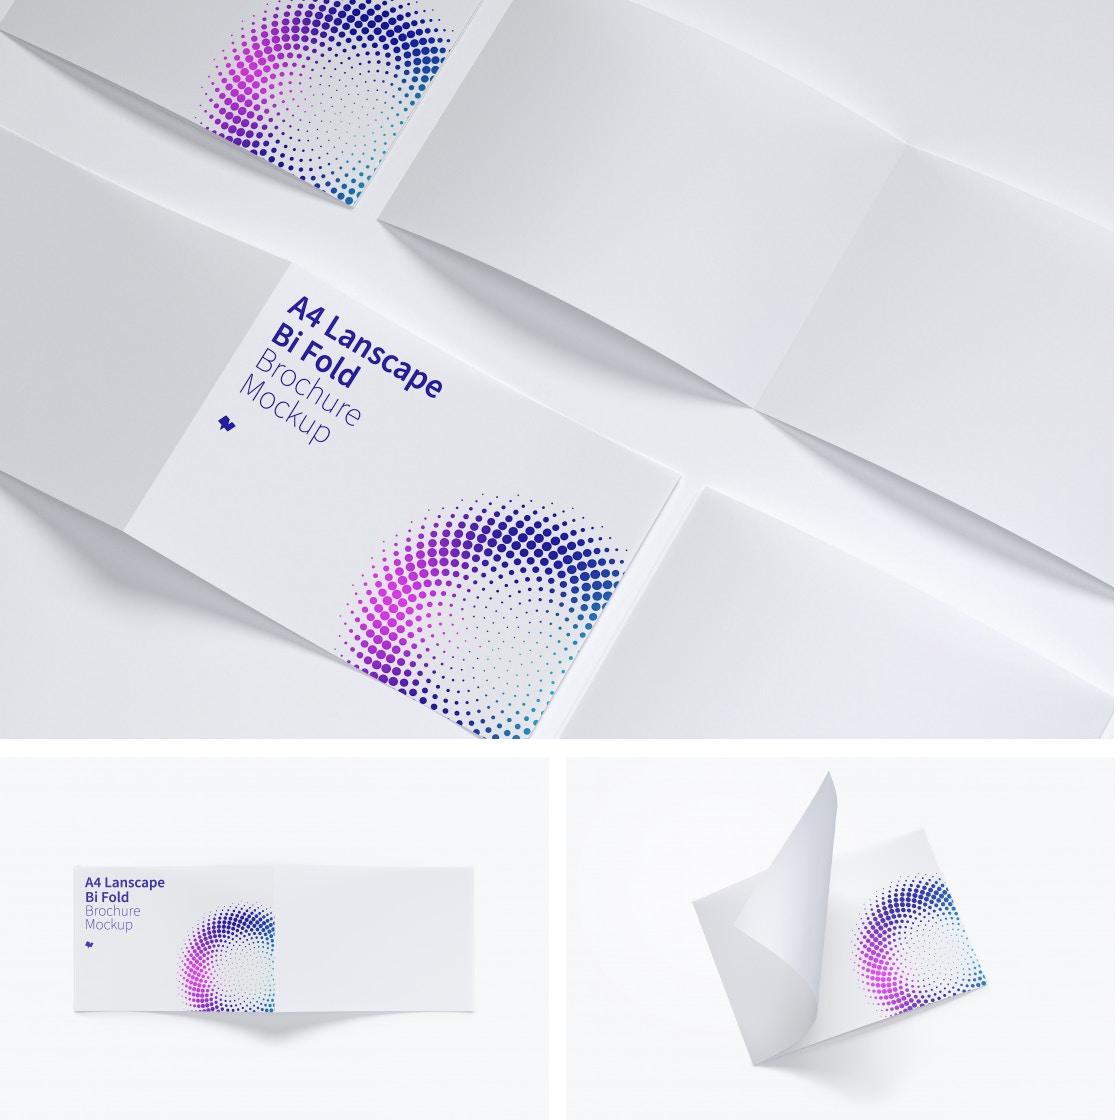 A4 Landscape Bi Fold Brochure Mockups by Original Mockups on Original Mockups